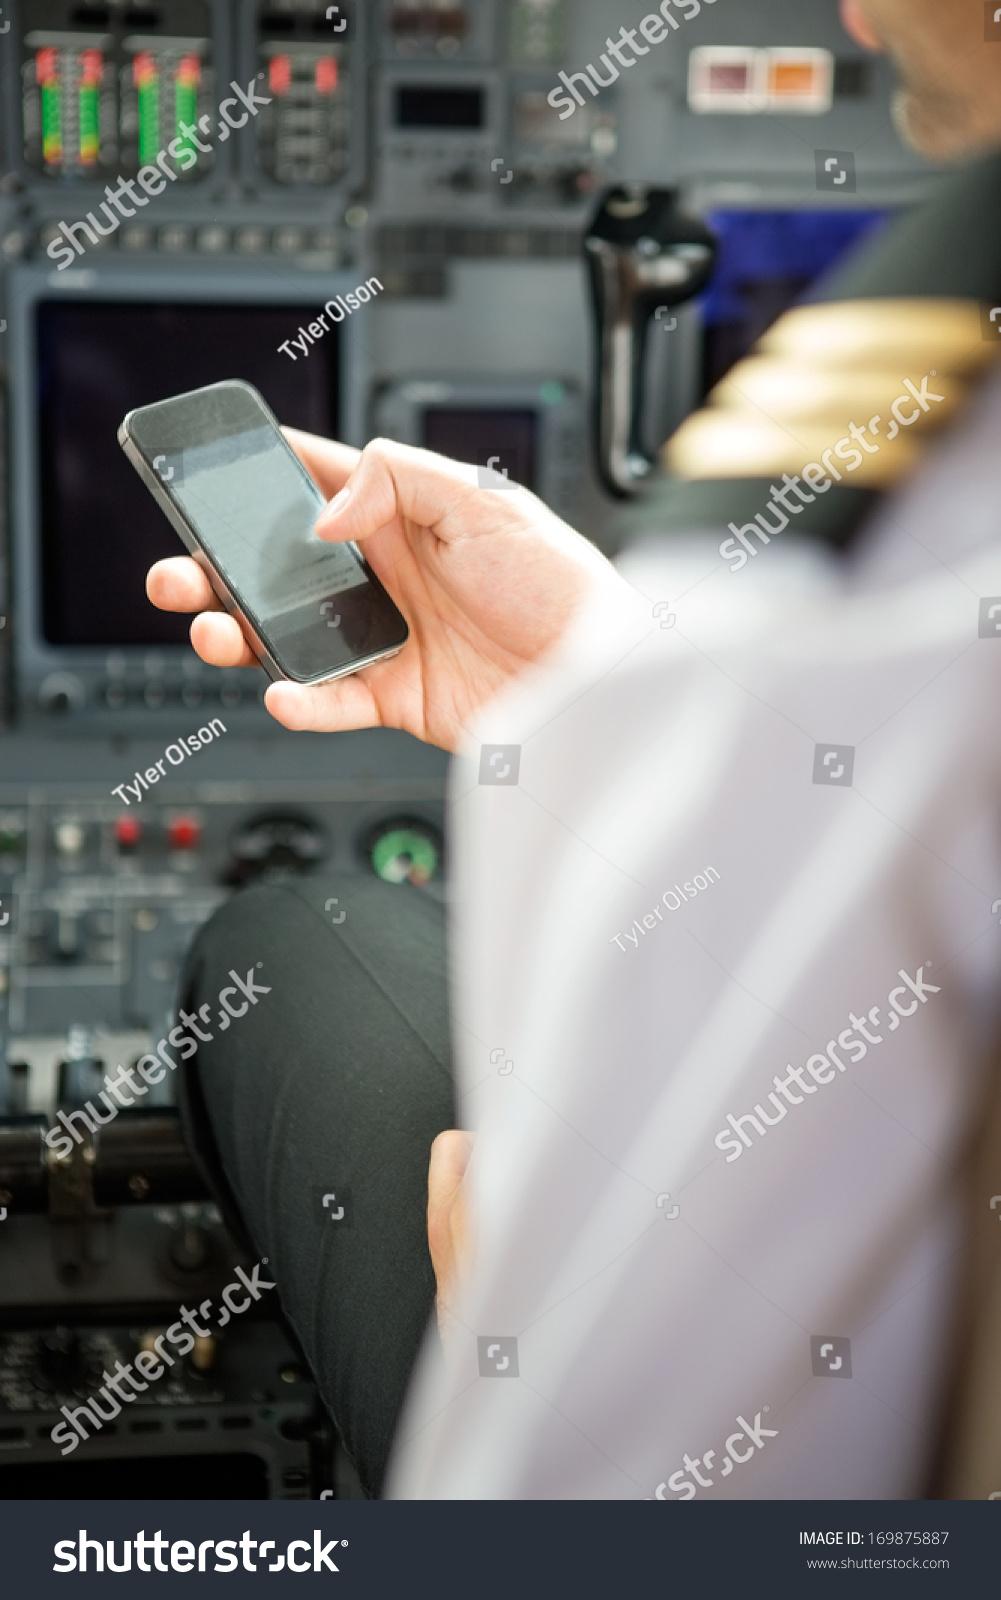 飞行员在私人飞机的驾驶舱使用智能手机-交通运输,-()